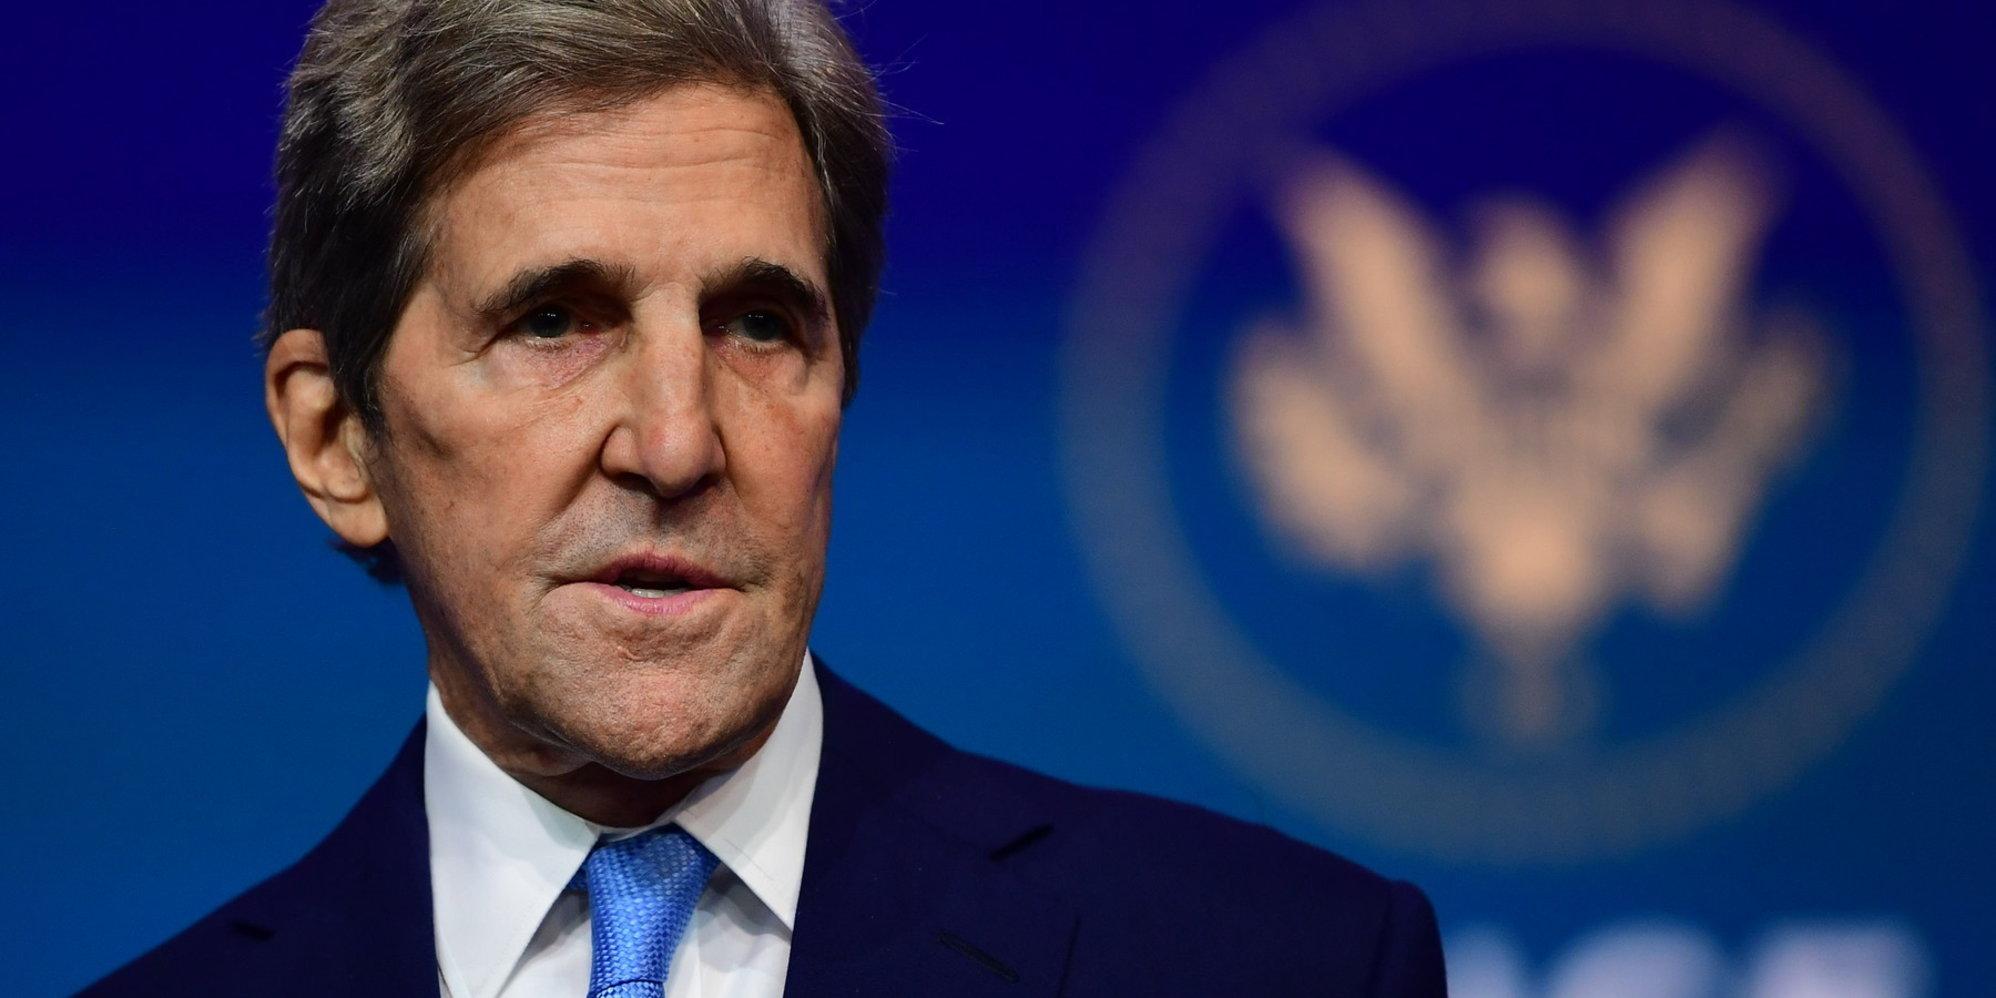 Clima, John Kerry: Cop26 è ultima speranza di coalizzare il mondo